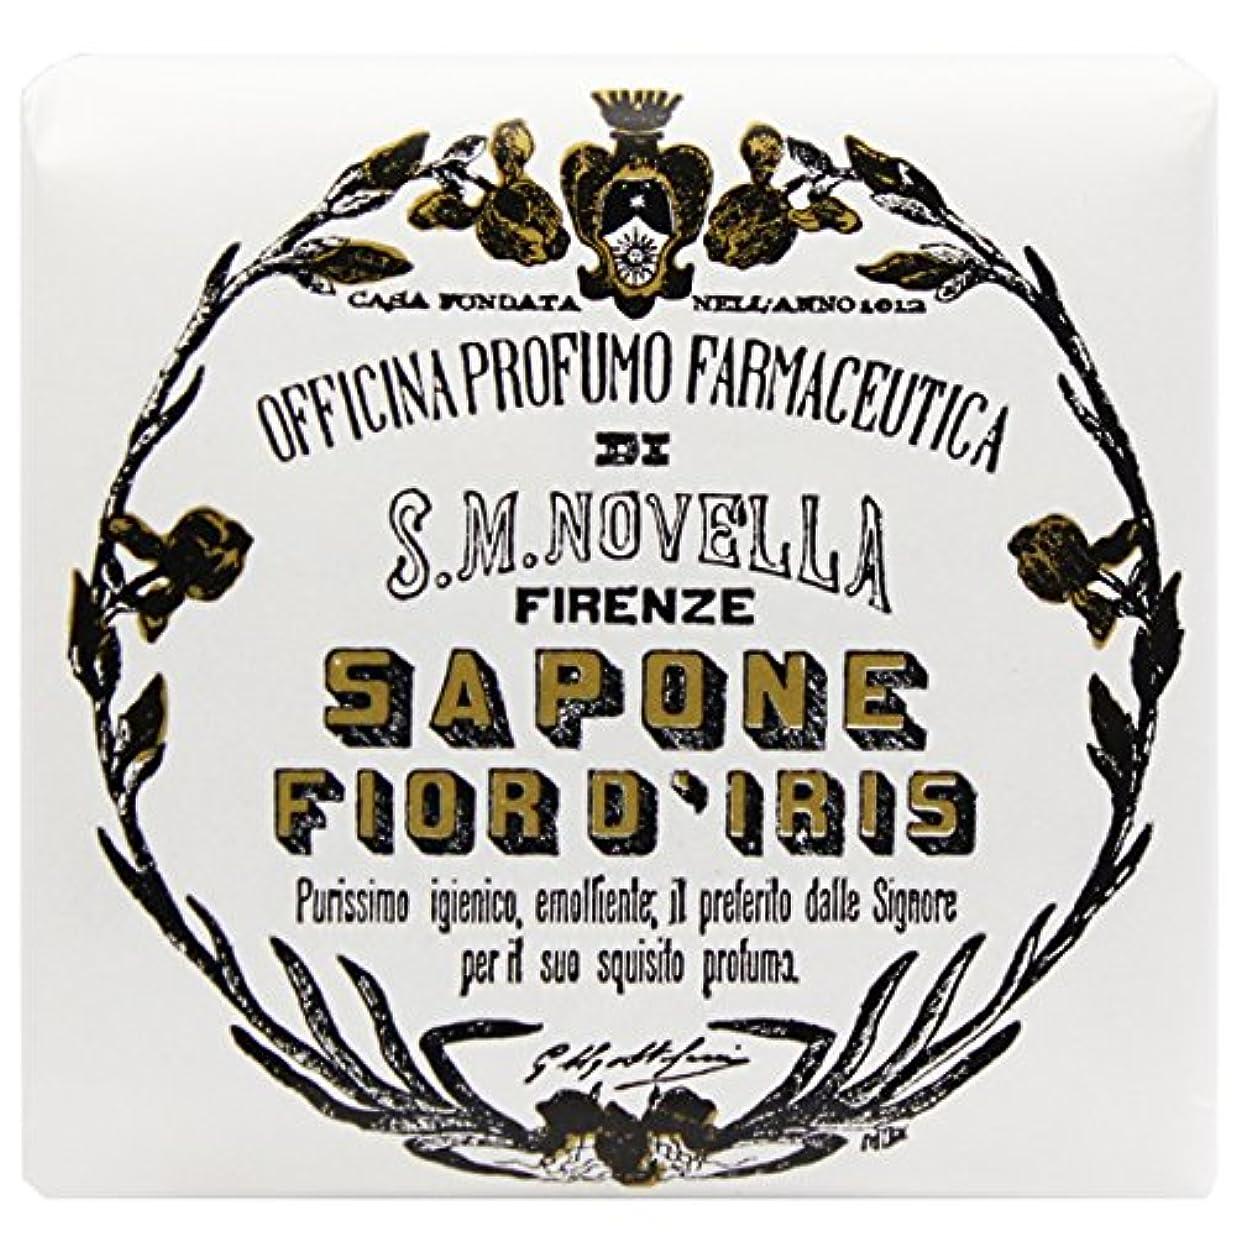 疑問に思う強盗管理する【サンタマリアノヴェッラ】 フィオールディリス ソープ 100g (5591) Fior d'Iris [並行輸入品]